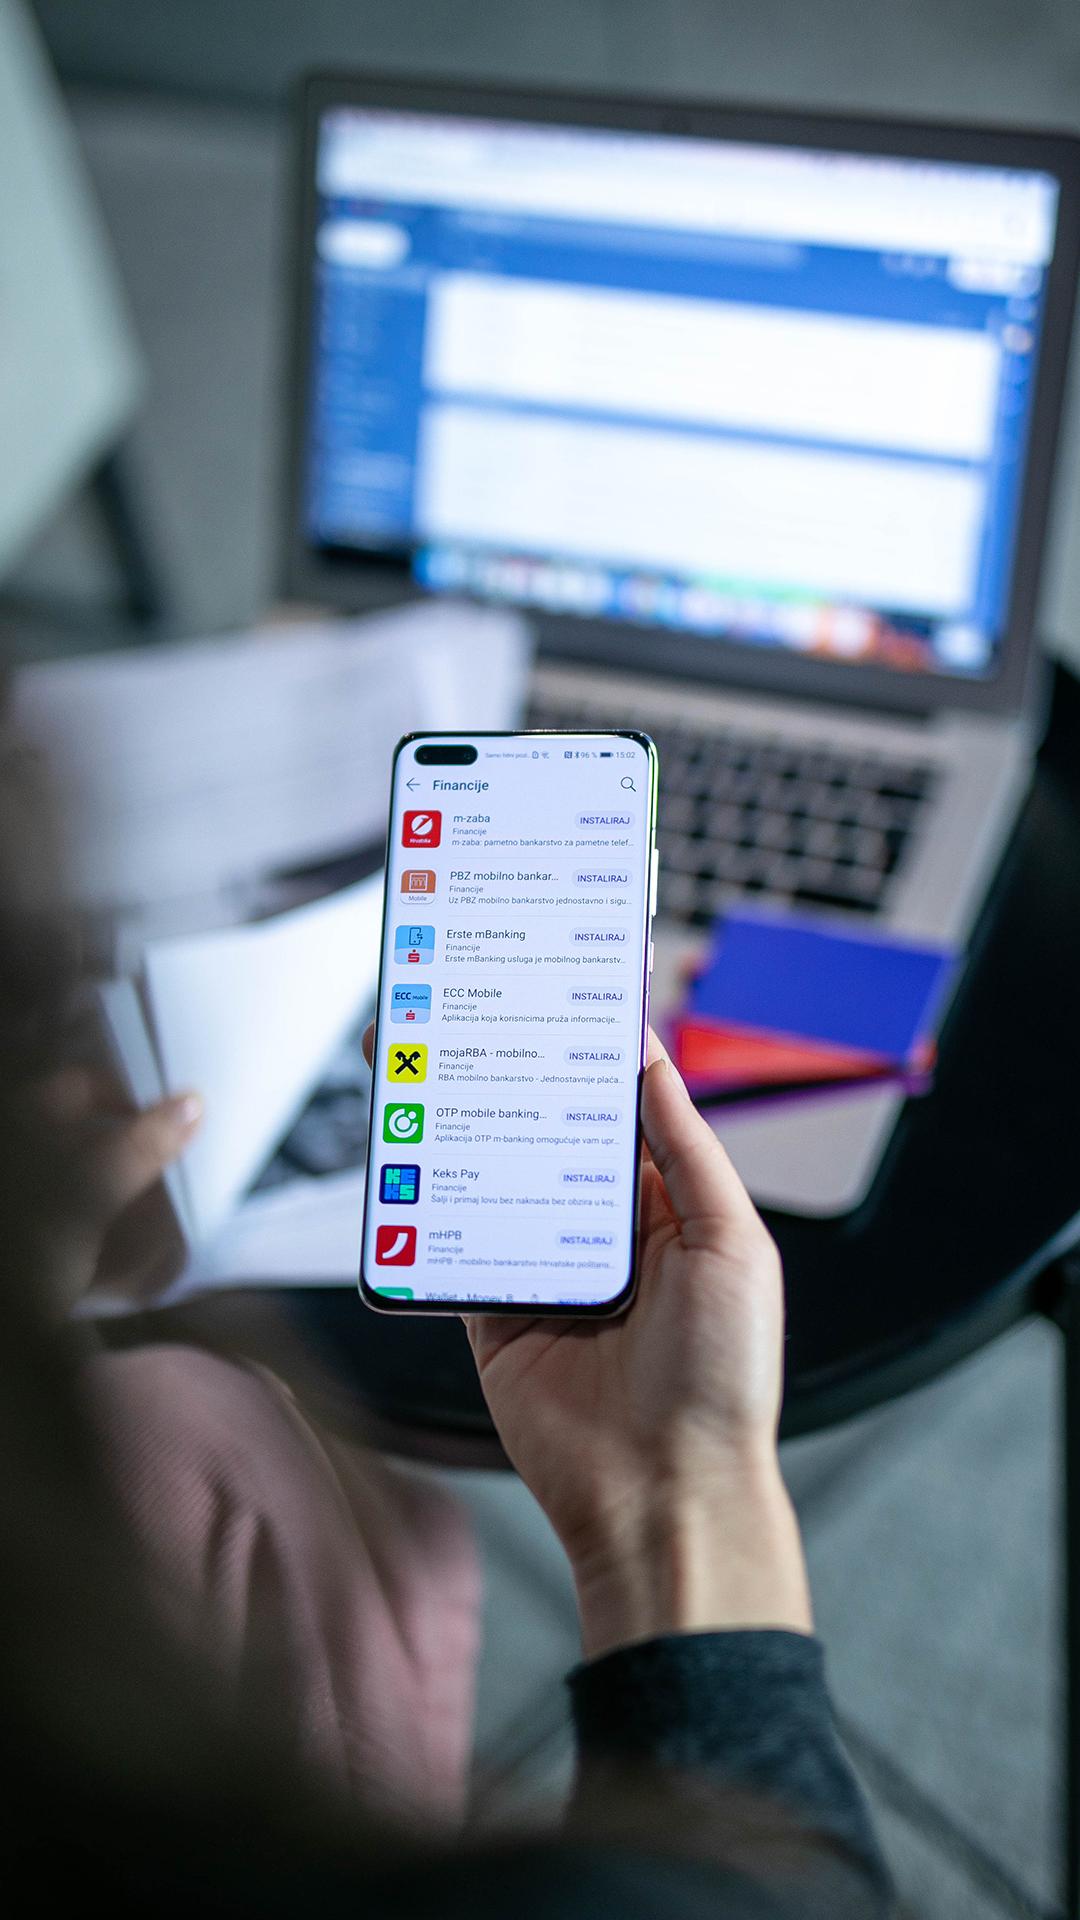 Huawei gotovo udvostrucio broj preuzimanja aplikacija na AppGallery trgovini u godinu dana 3